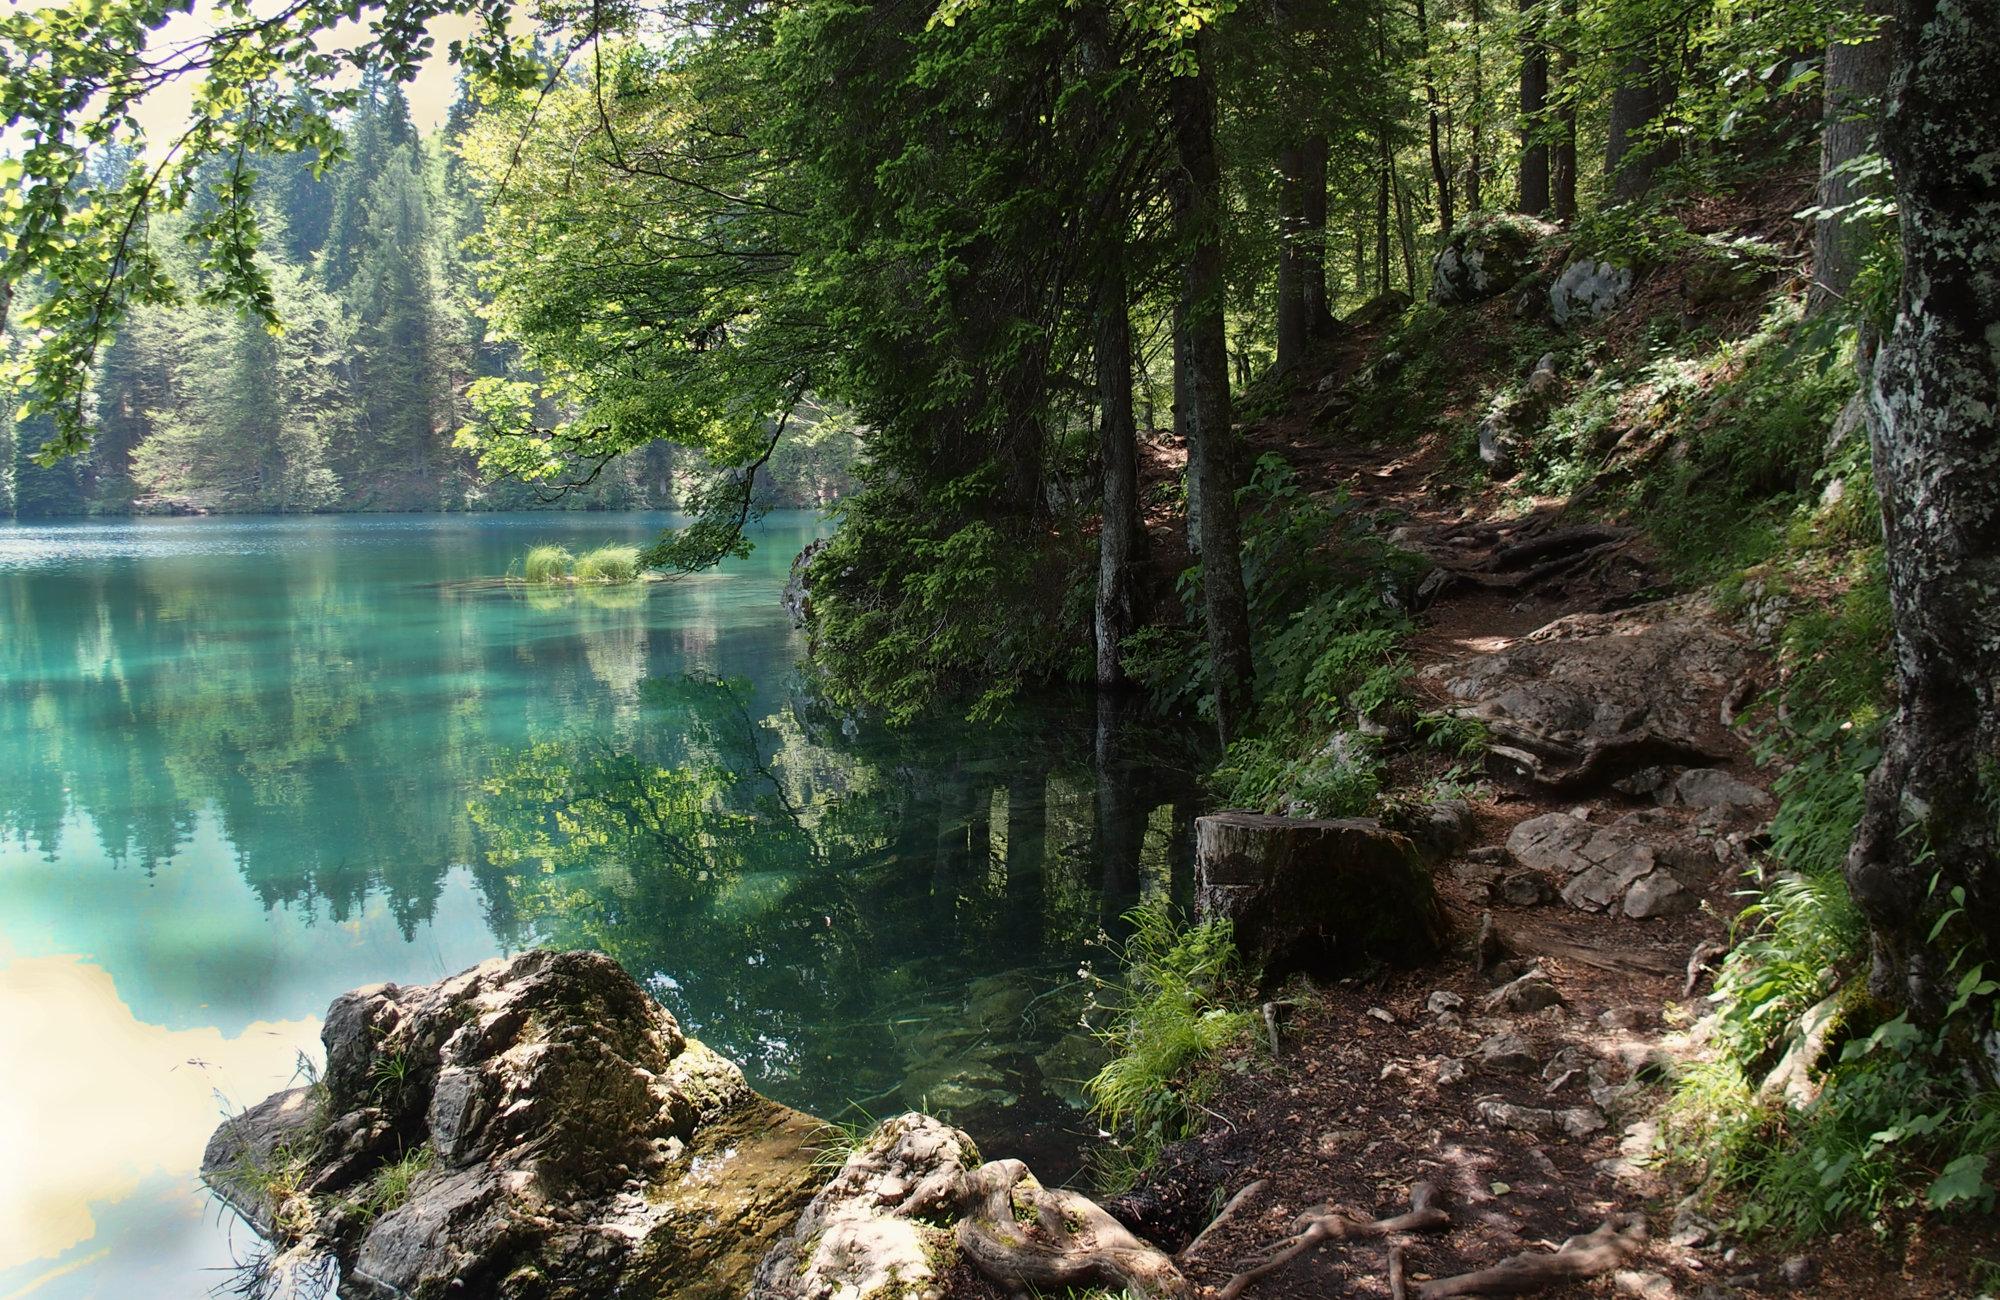 Wandern im Frühling auf dem Alpe Adria Trail, Wandern im Frühling, Wanderideen Frühling, Wanderungen Frühling, Weitwanderweg Frühling